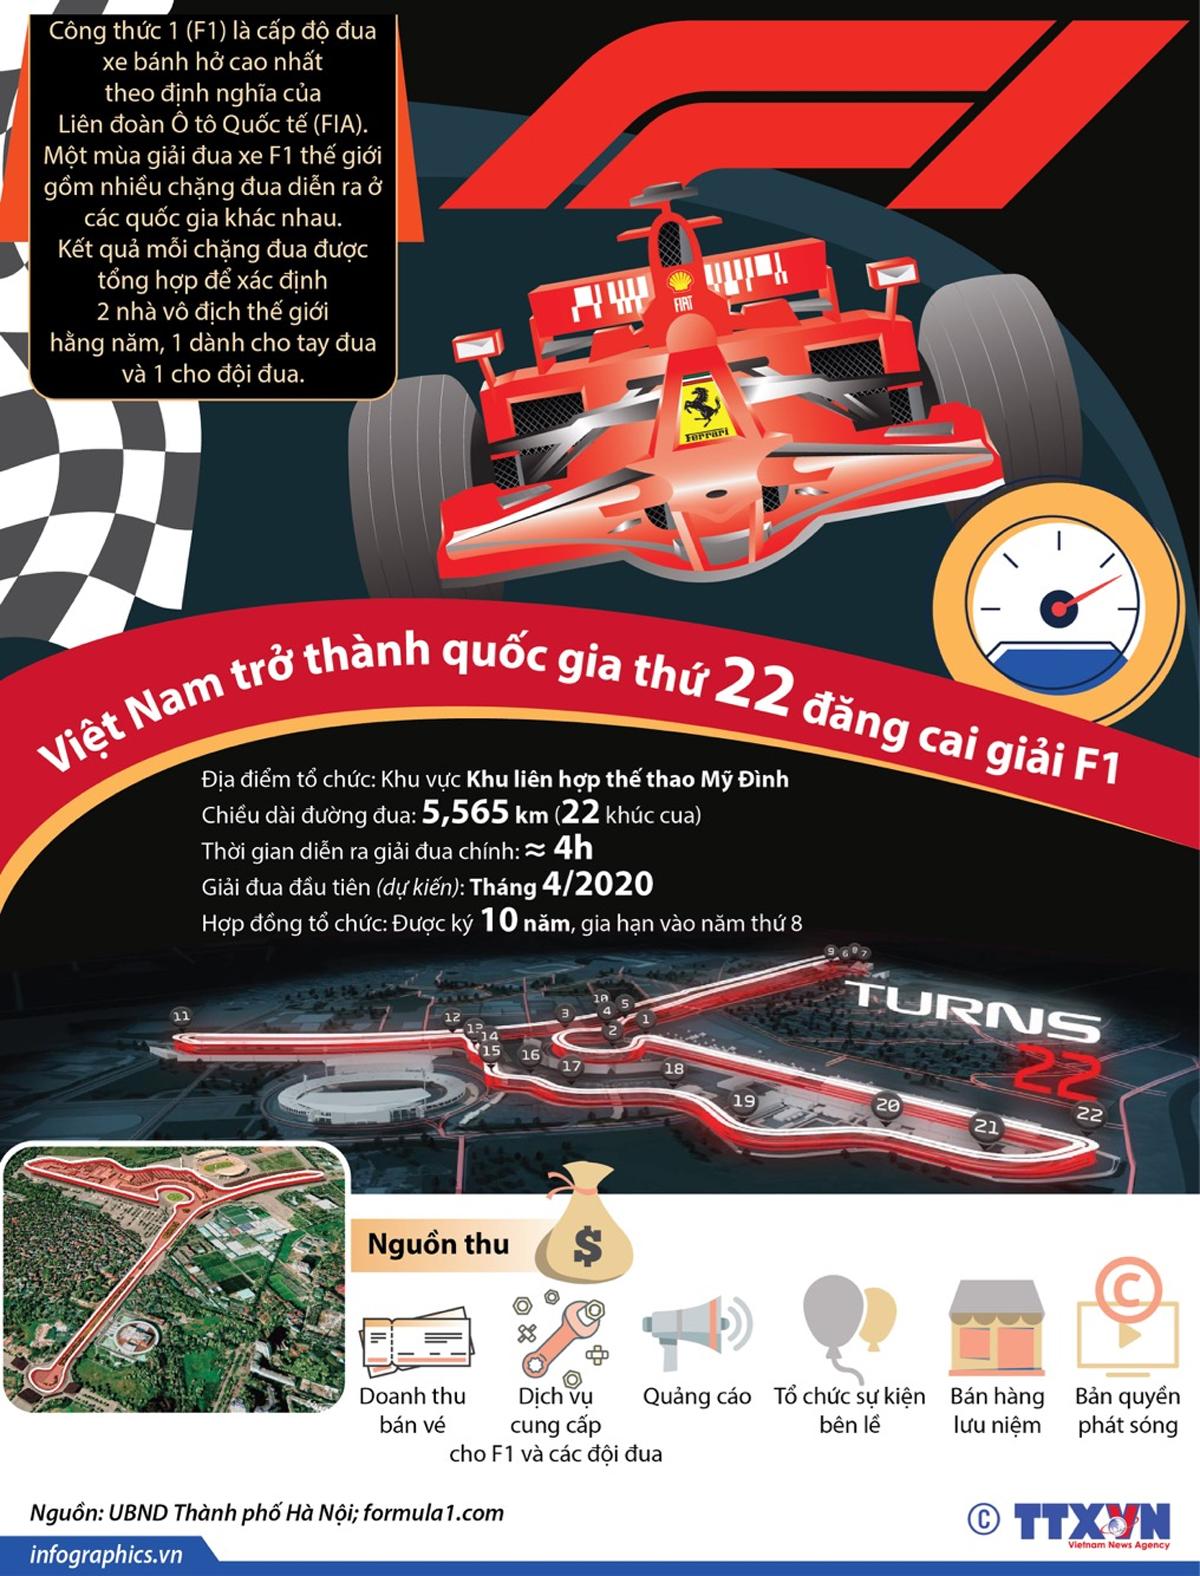 Xe ô tô, Giải đua ôtô công thức 1, F1, Tin quốc tế, Thời sự thế giới, Thông tin quốc tế, Tin tức mới nhất